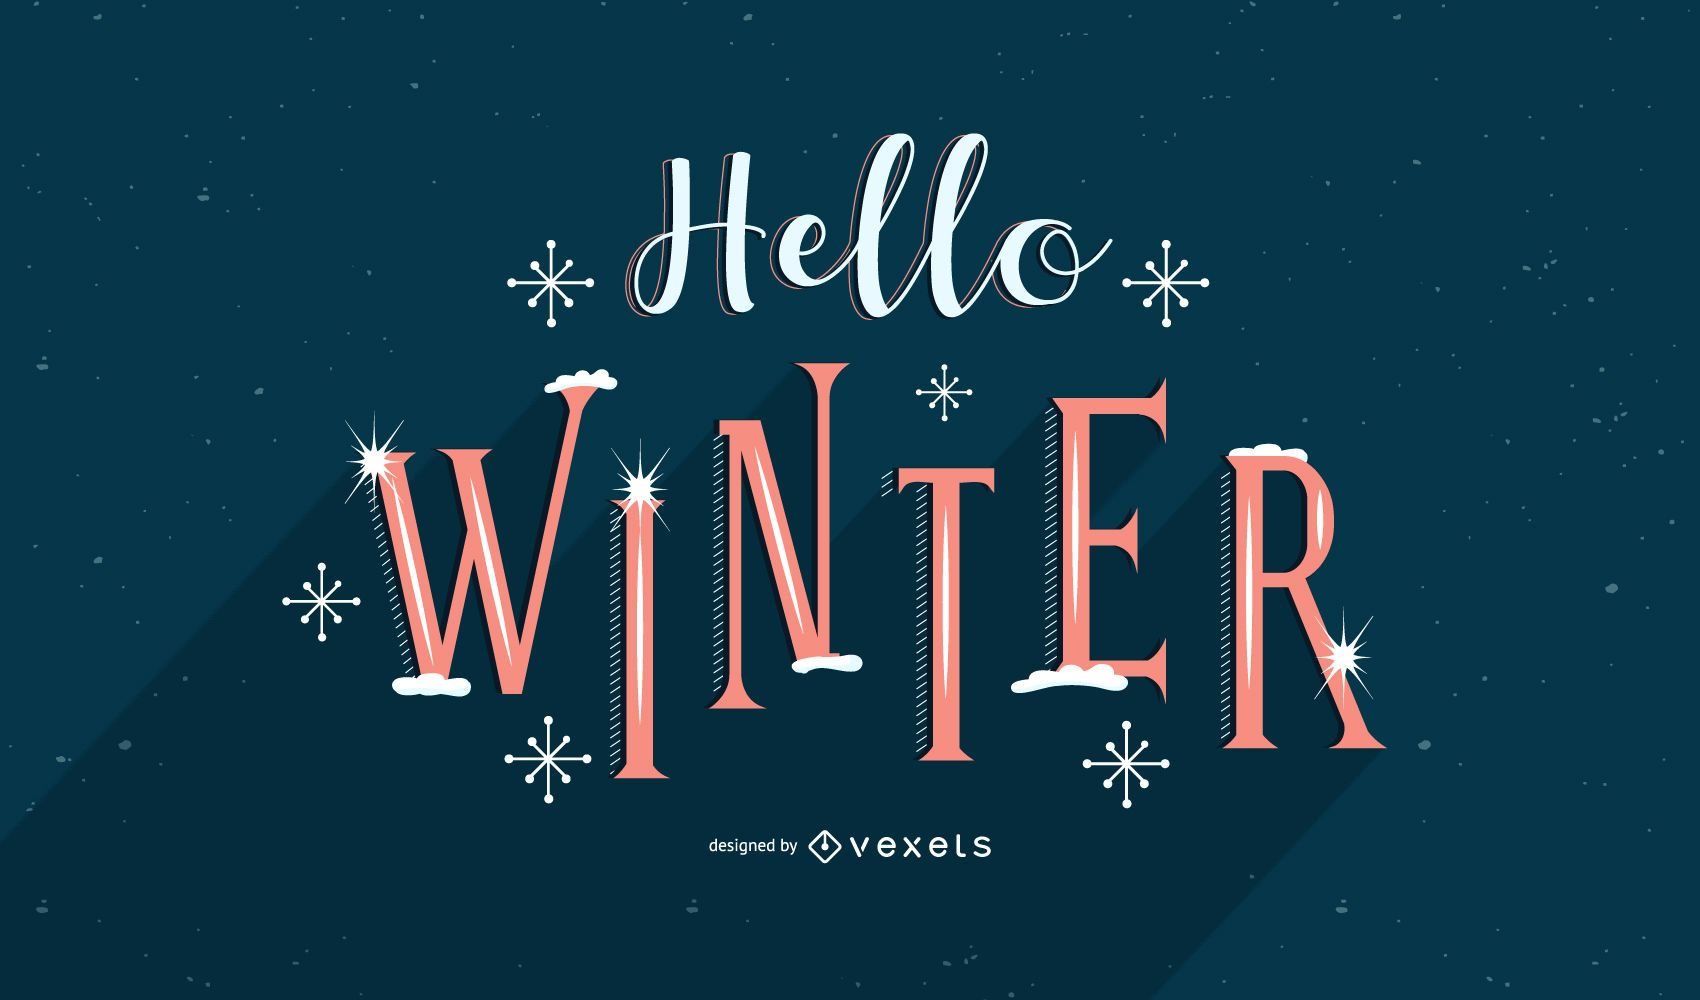 Hello winter snow lettering design